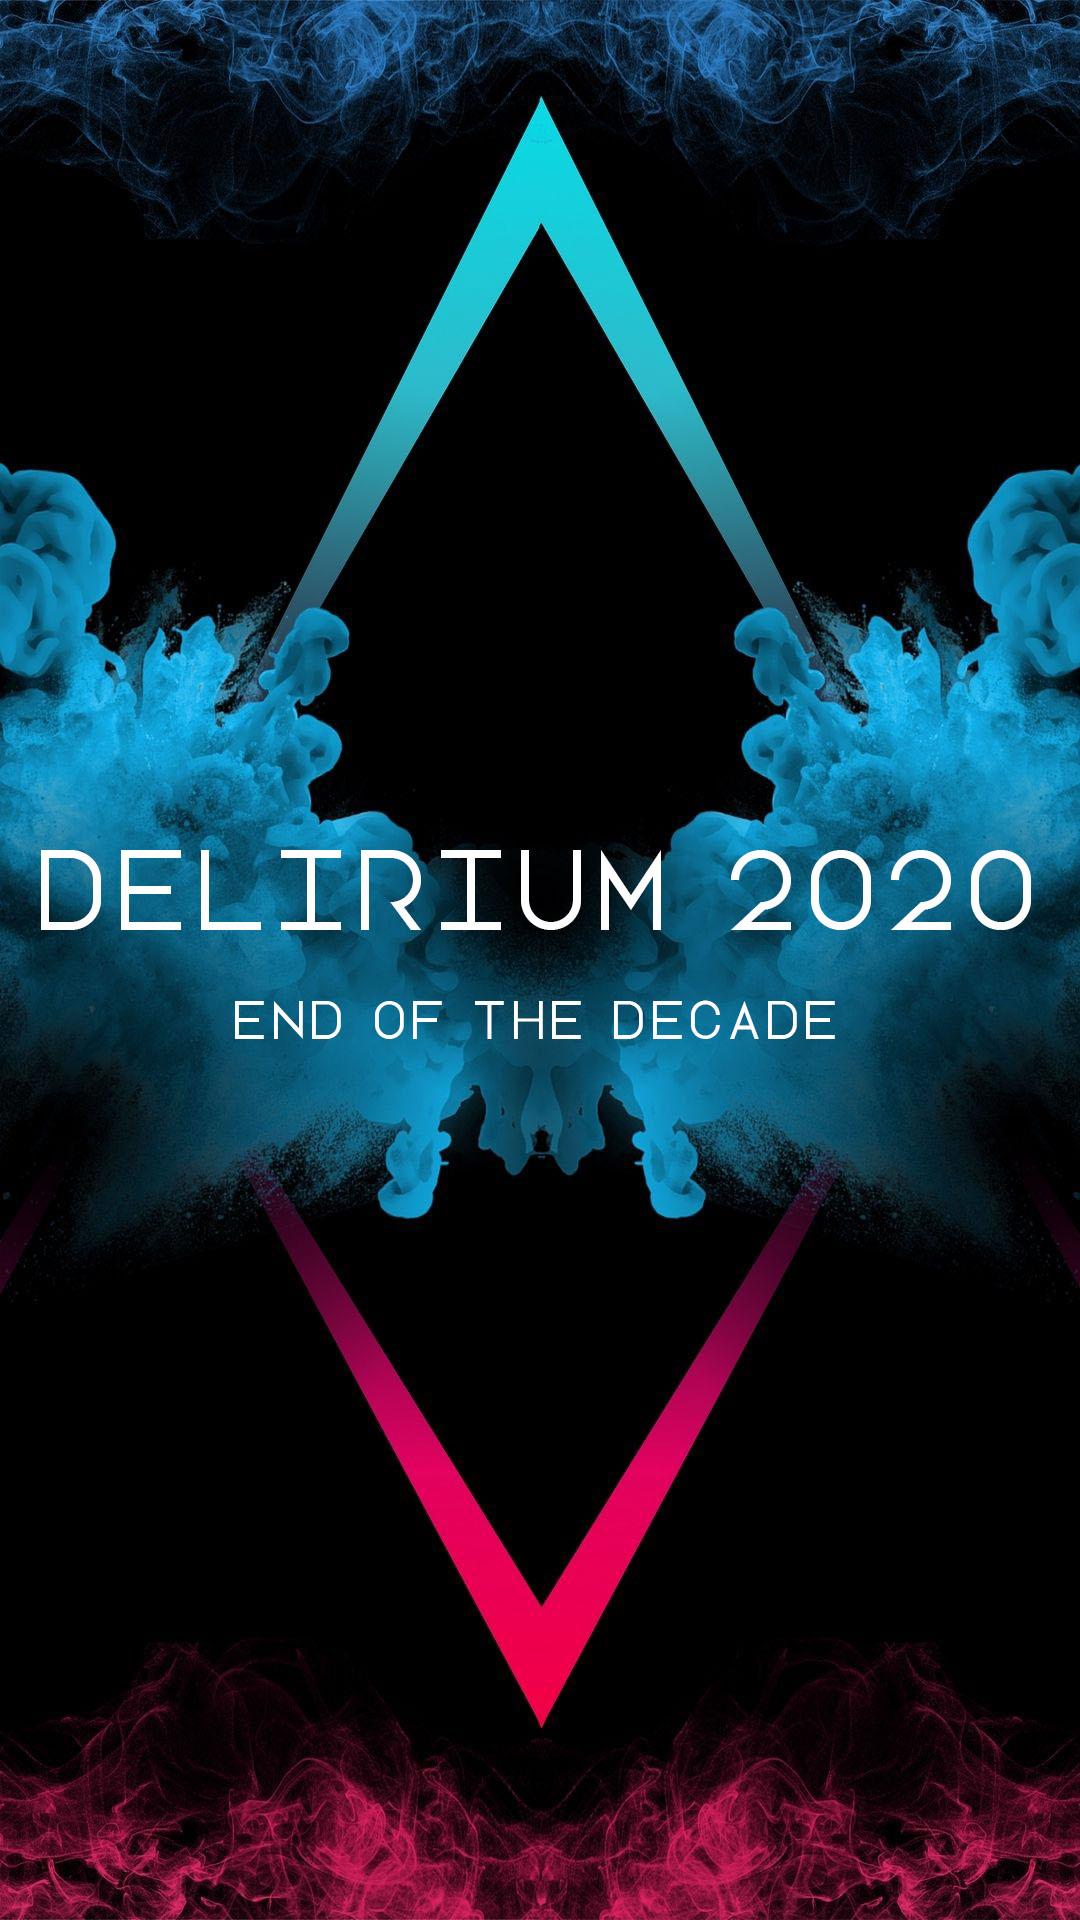 Delirium 2020